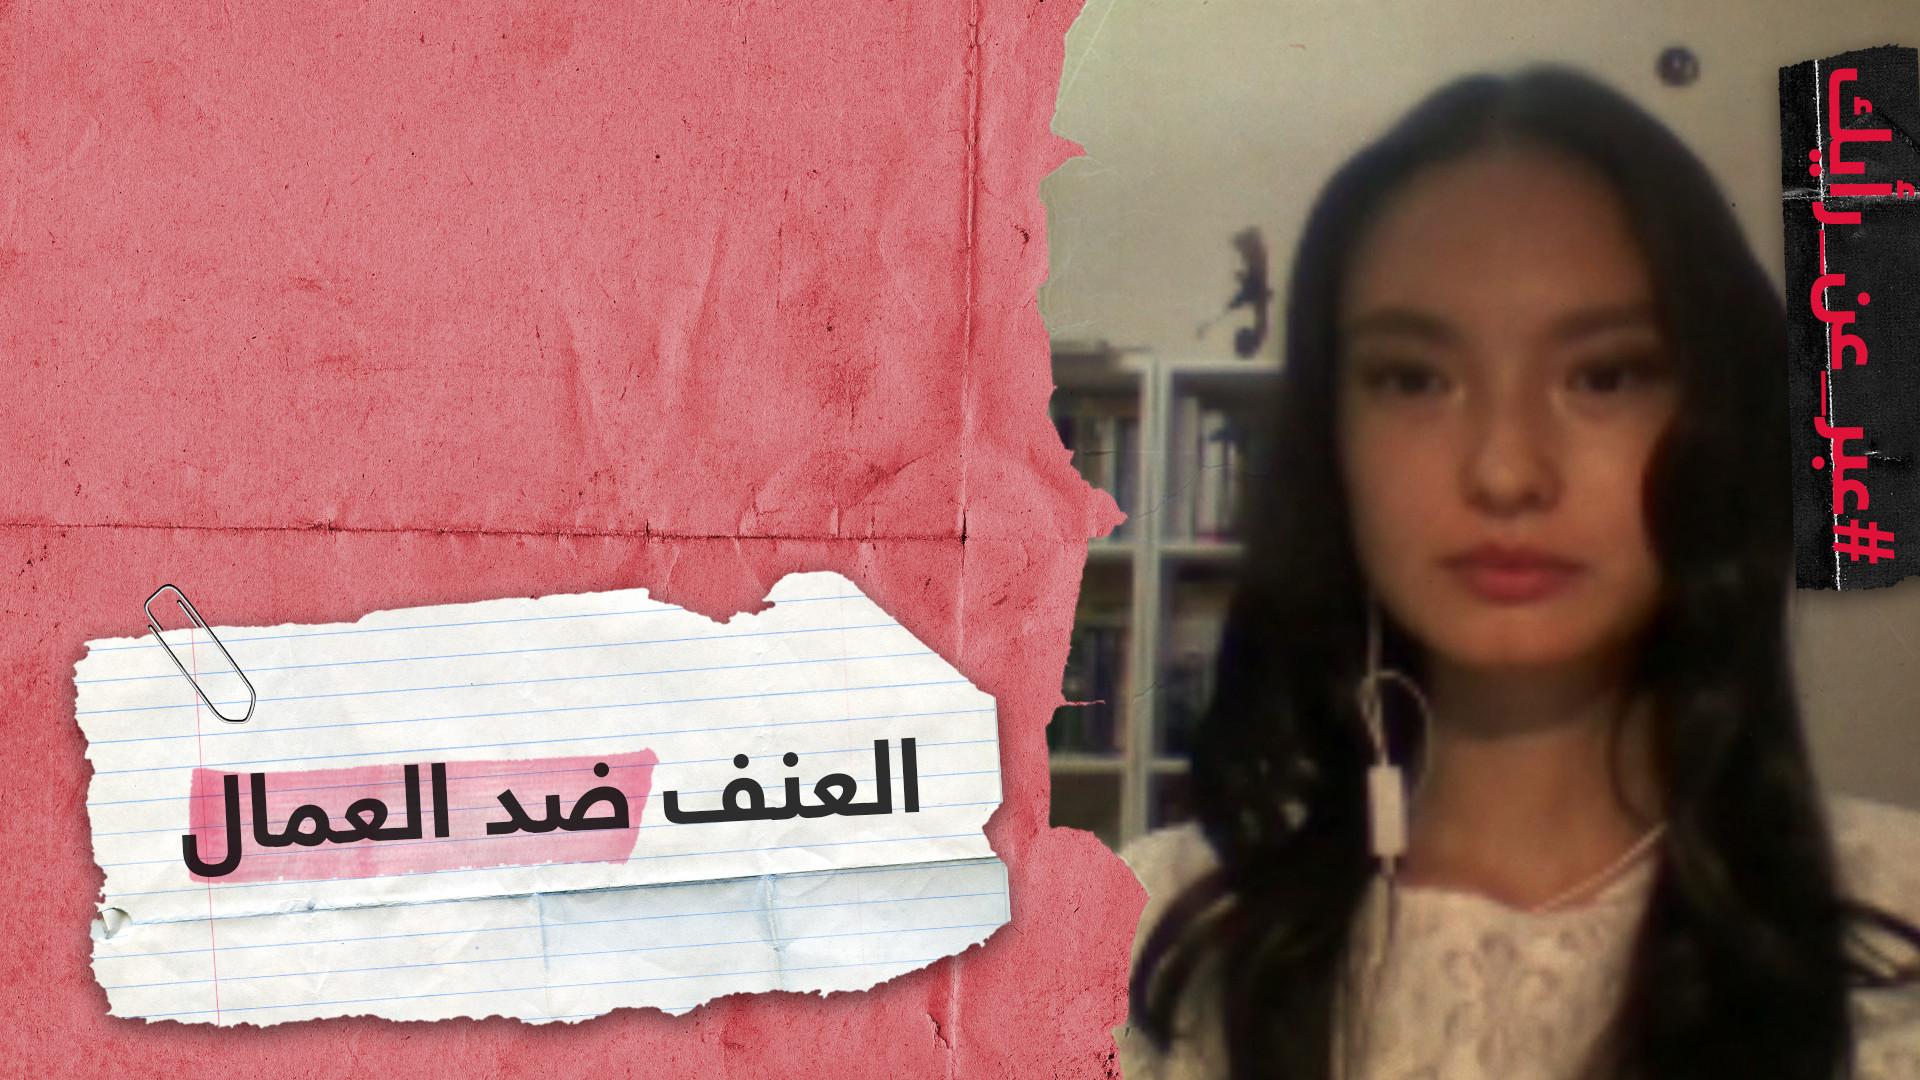 ما الأسباب الحقيقية للعنف ضد العمال العرب في كازاخستان؟